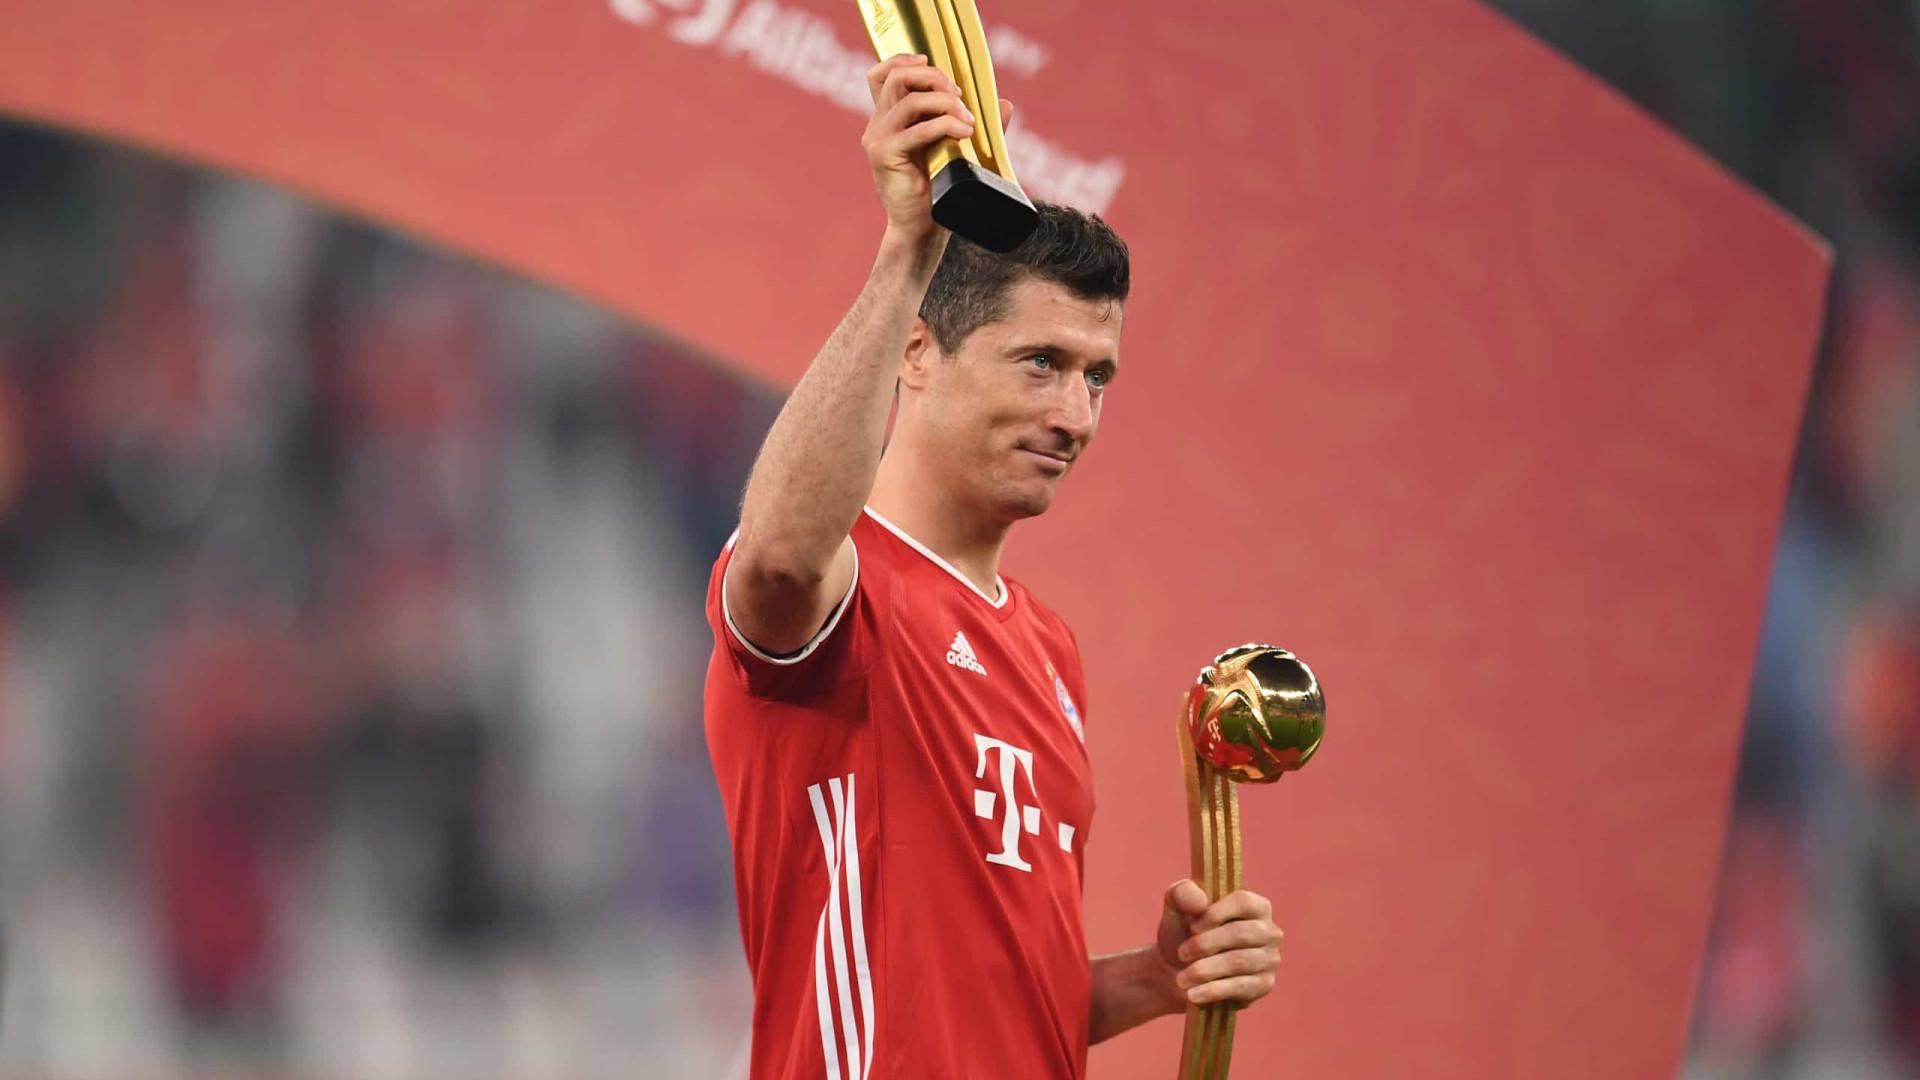 Lewandowski recebe a Bola de Ouro, mas exalta Messi e Cristiano Ronaldo